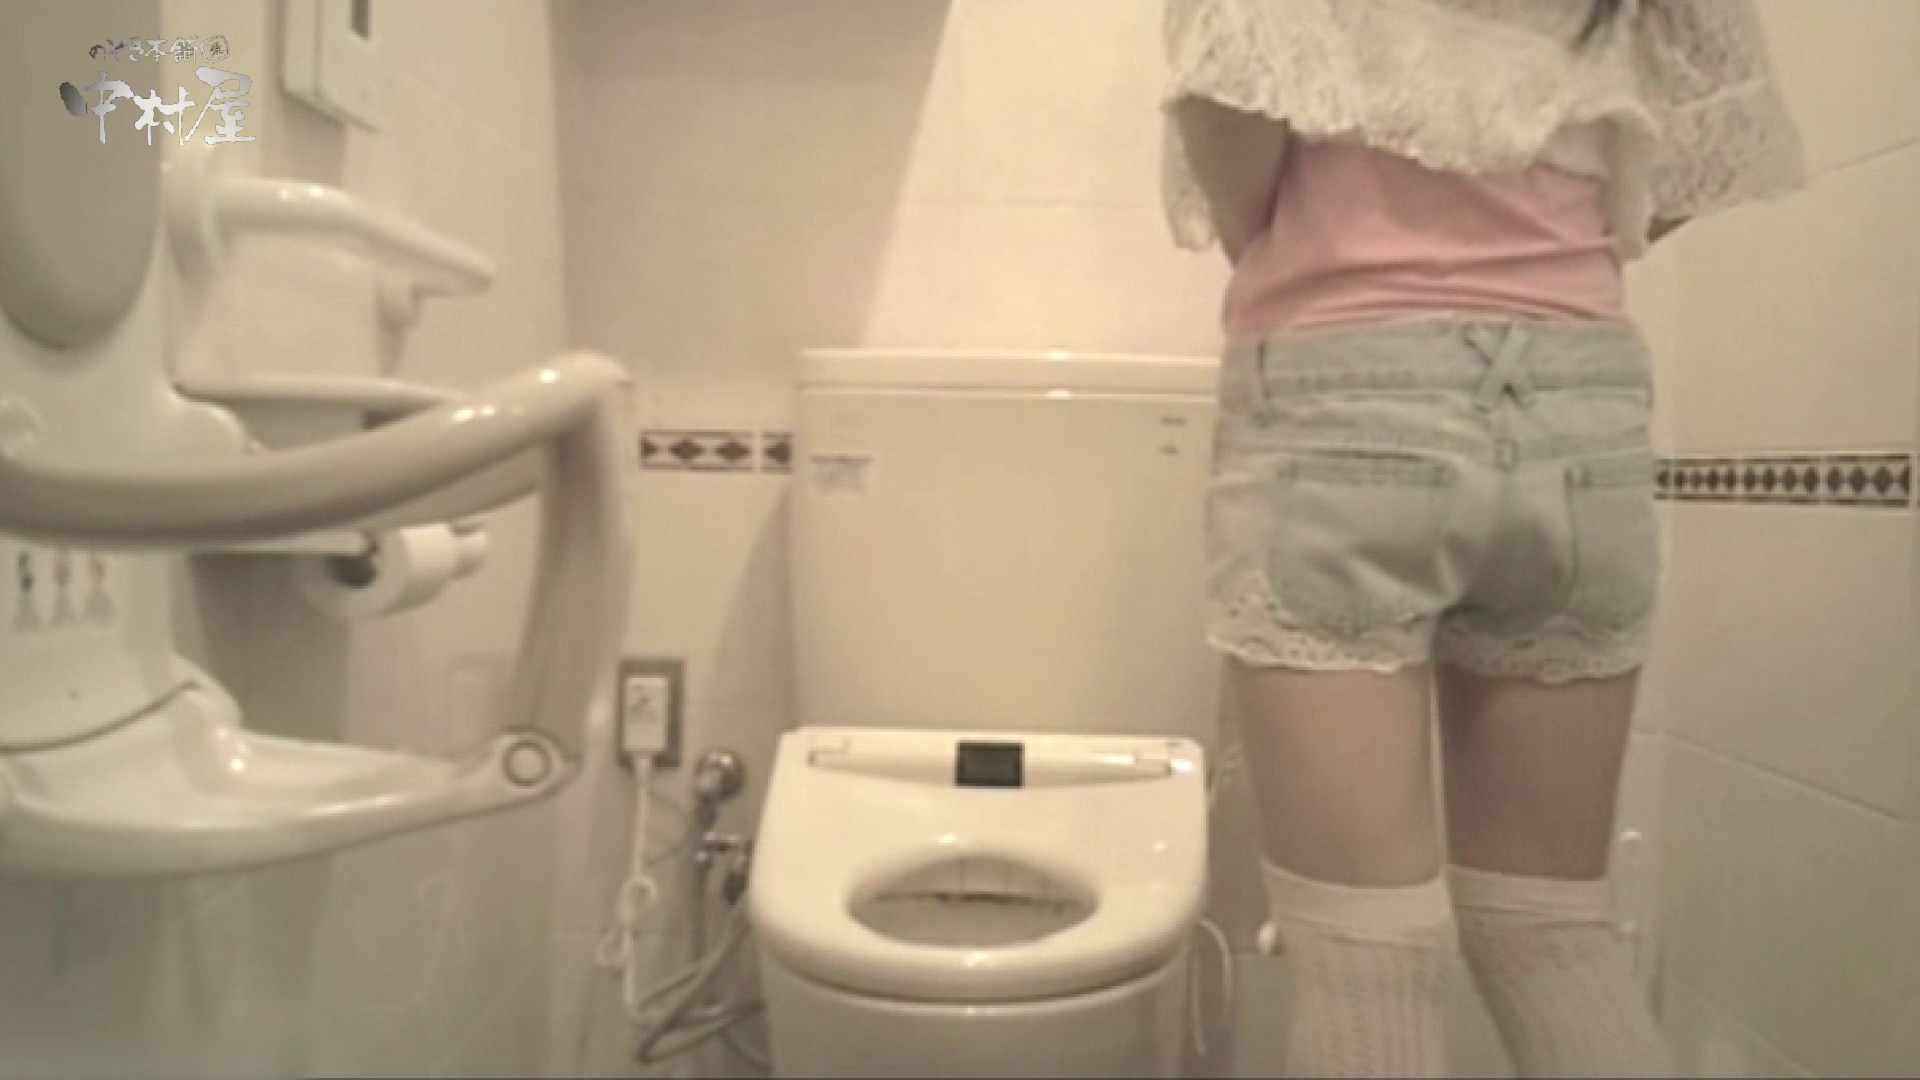 ティーンガールのトイレ覗き‼vol.19 トイレの中まで オマンコ無修正動画無料 9枚 2